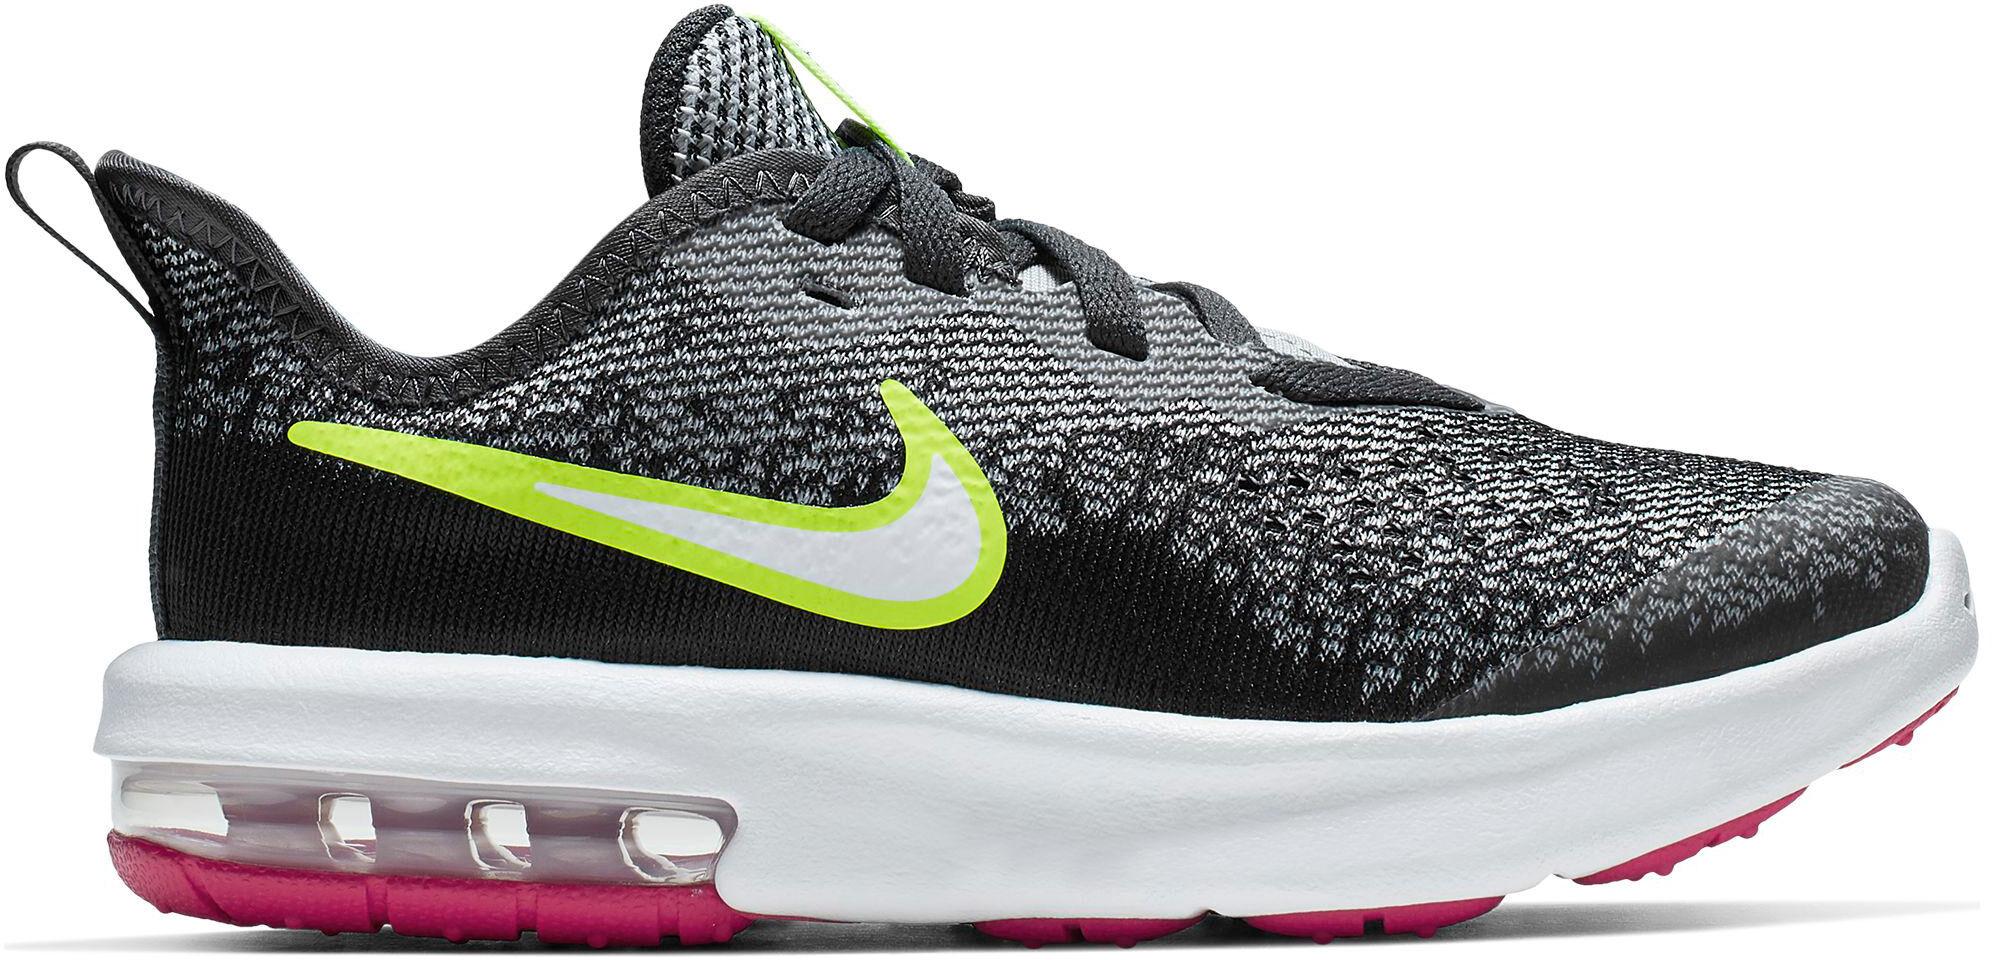 Schoenen Intersport Daka Nike Nike Schoenen Nike Intersport